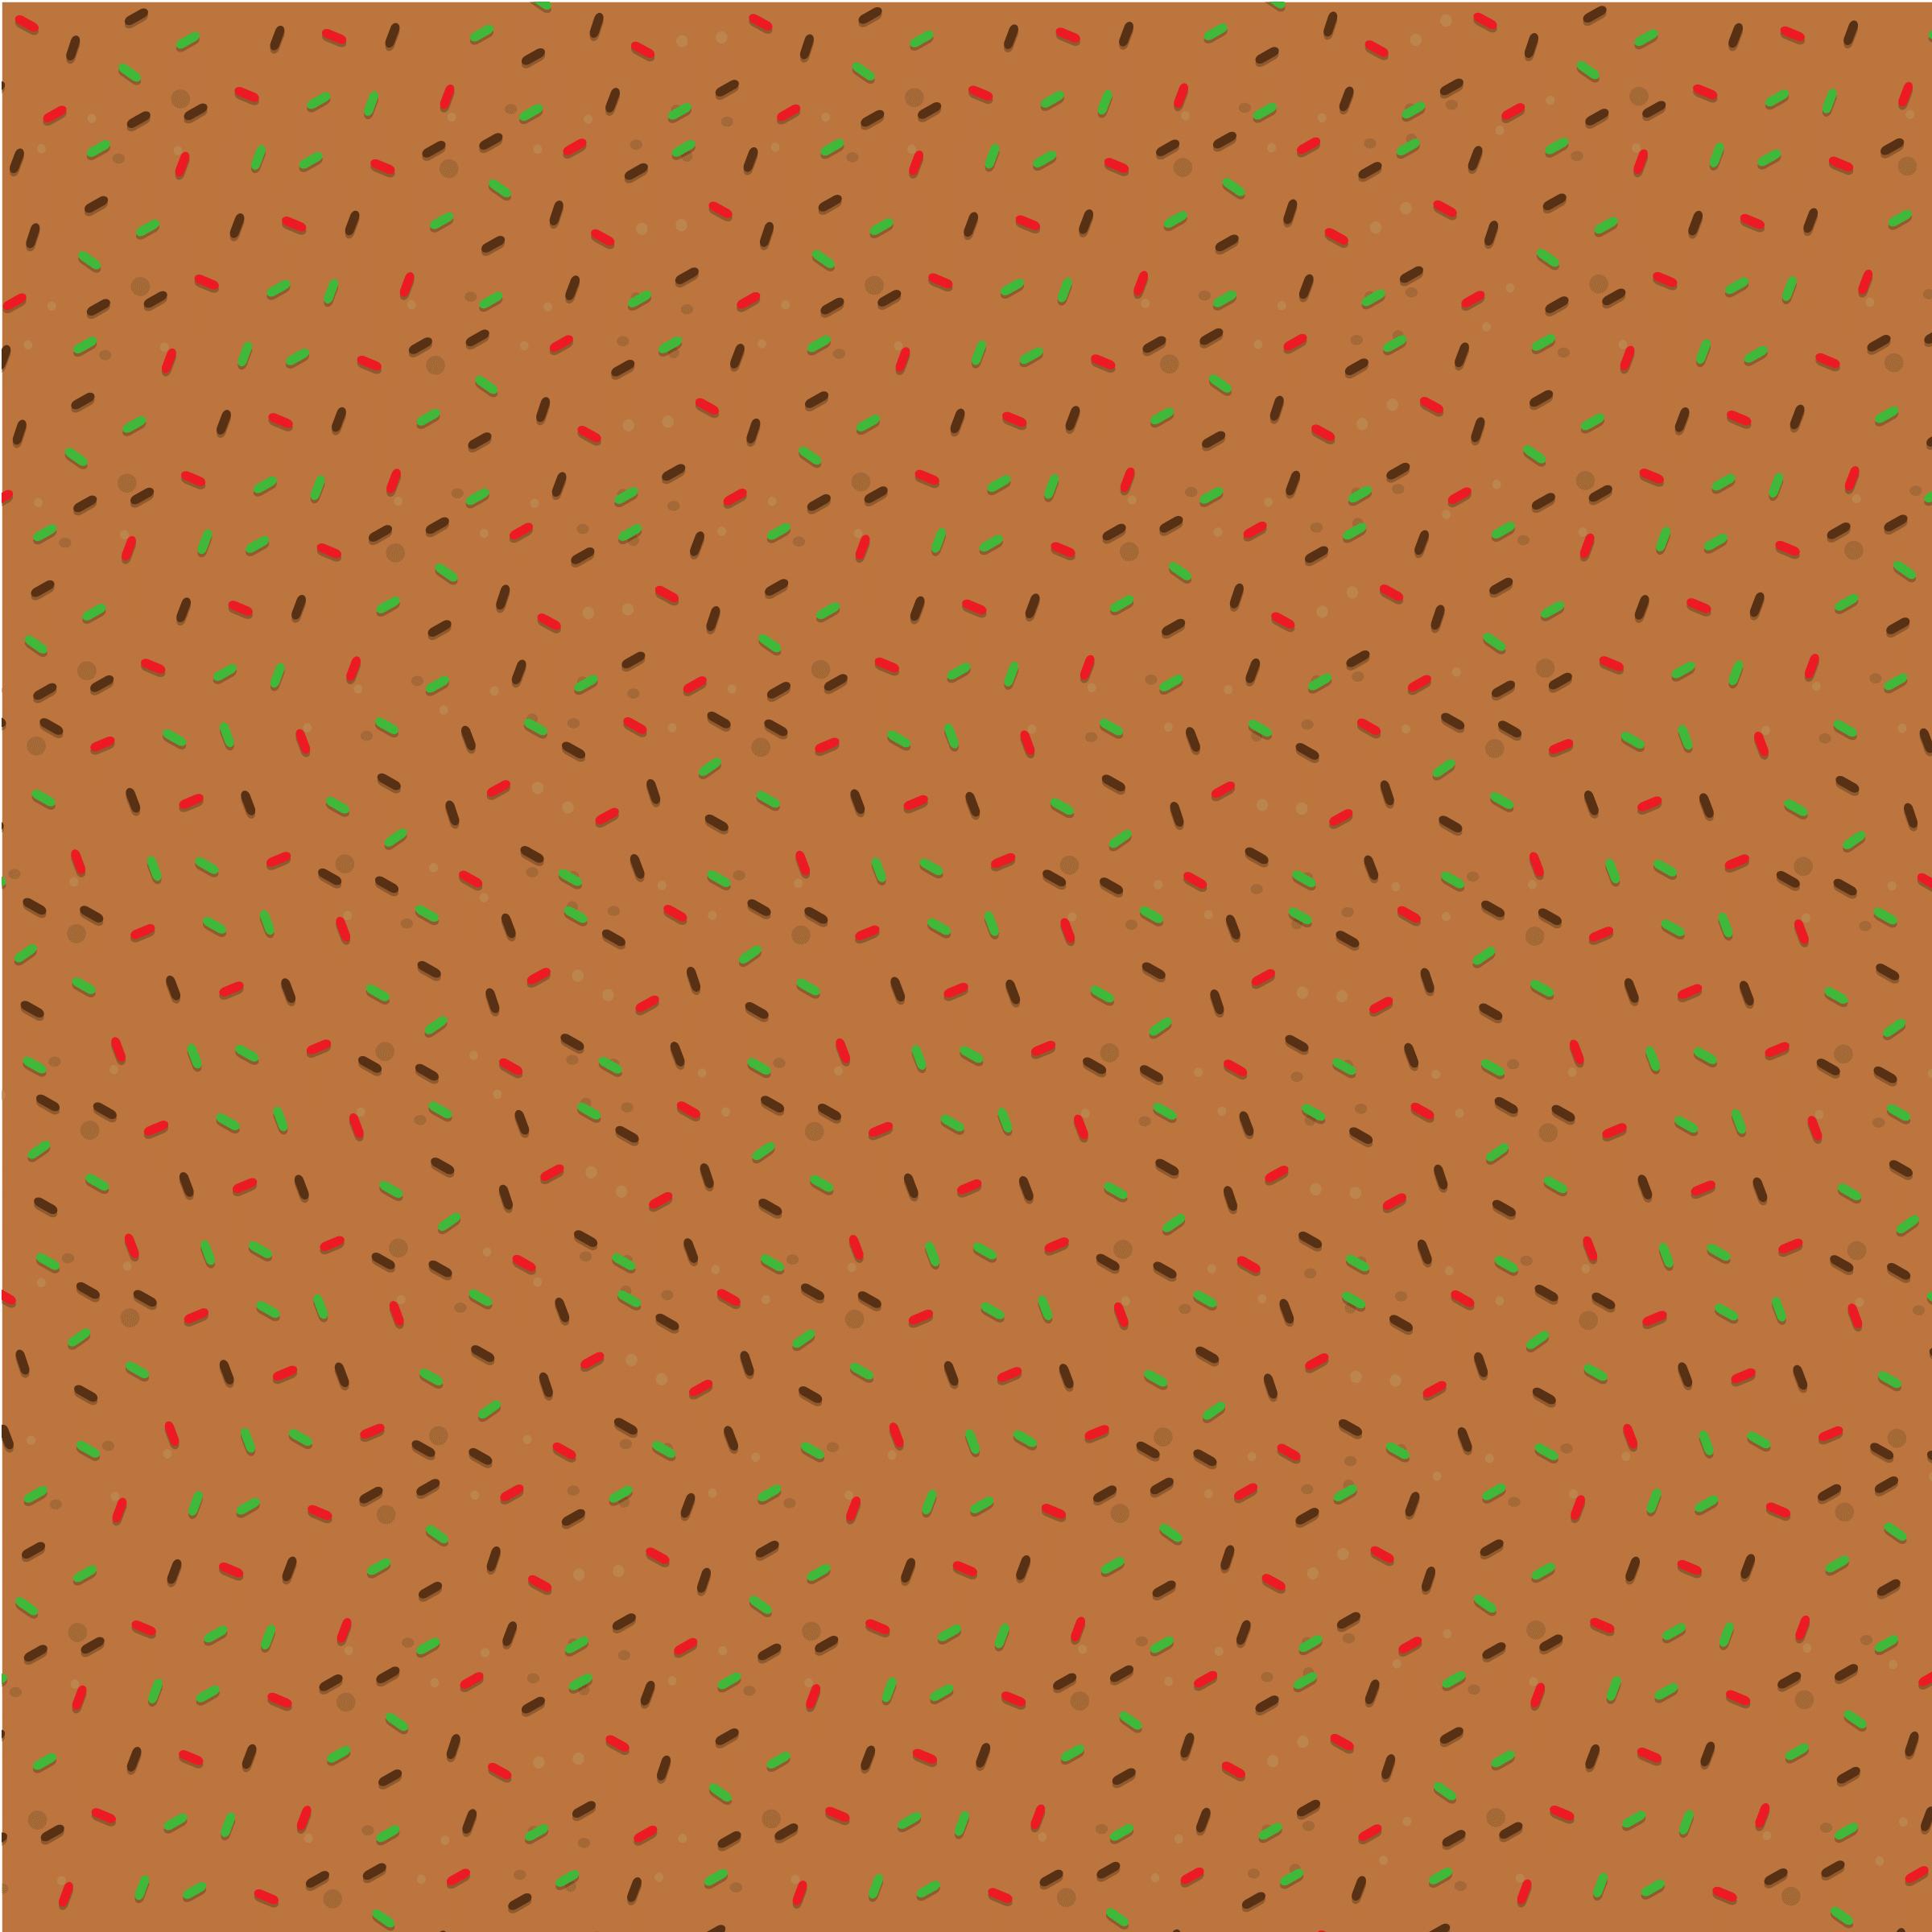 gingerbread-sprinkles-1